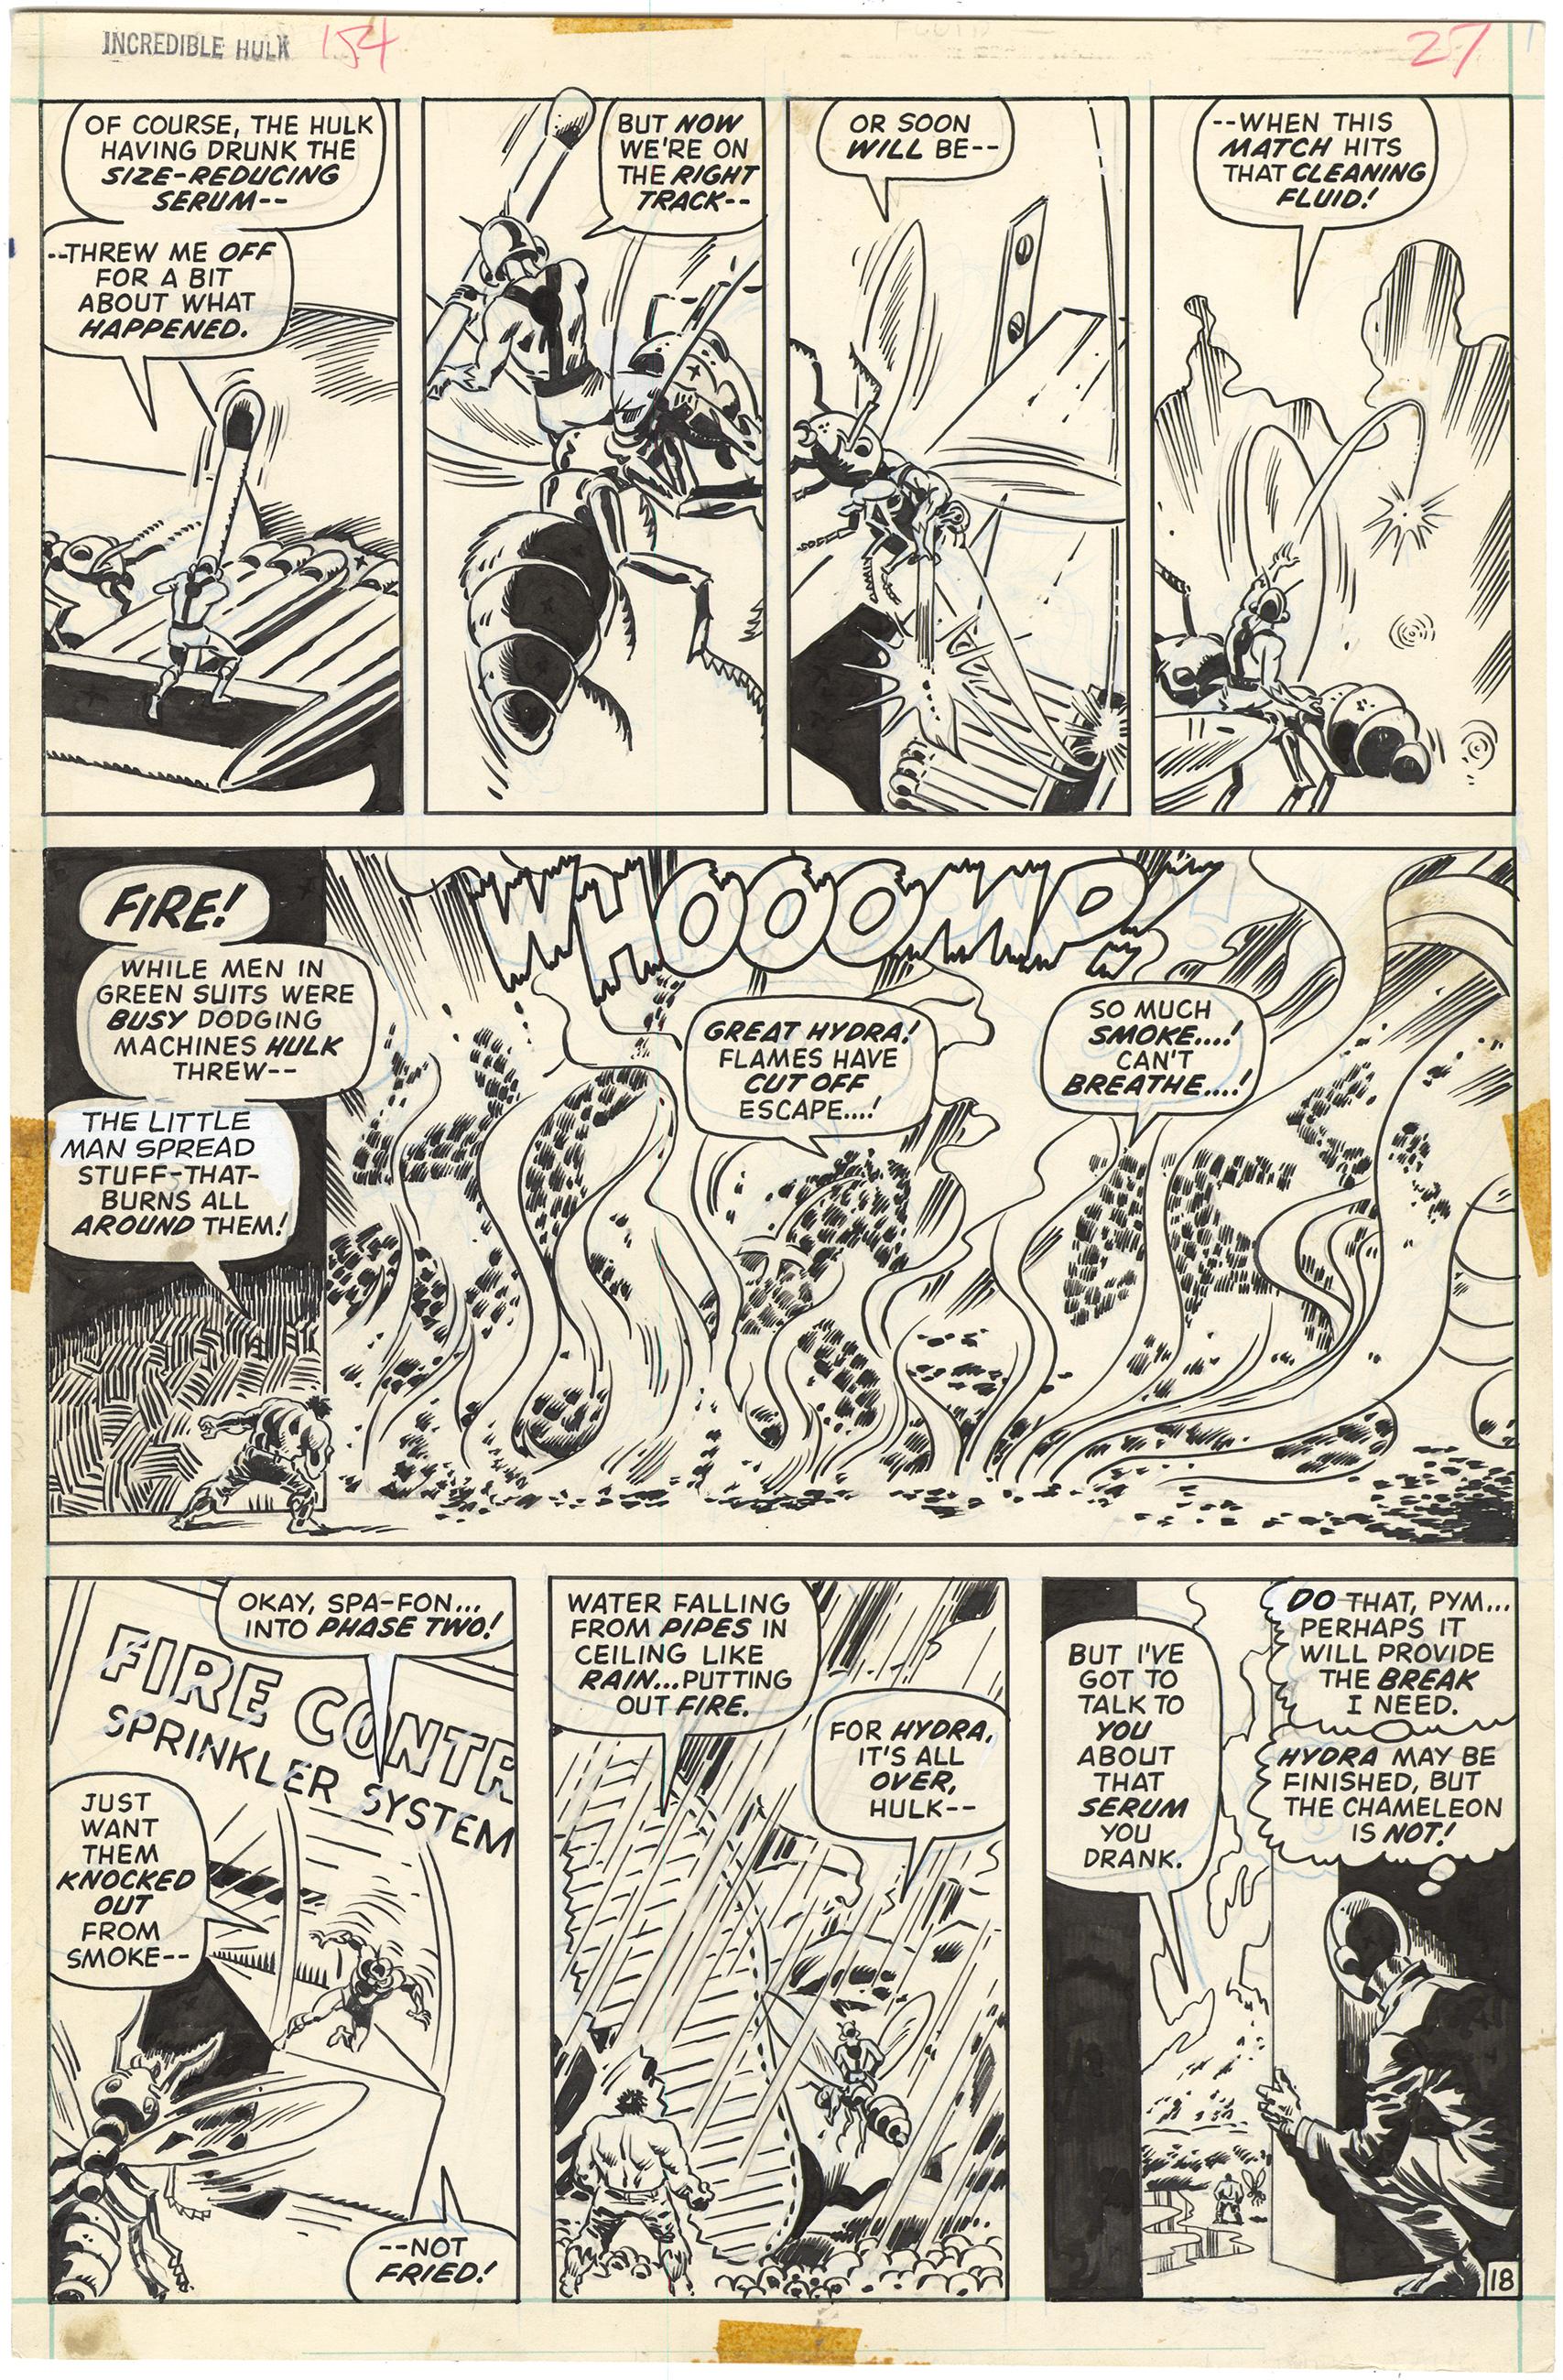 Incredible Hulk #154 p18